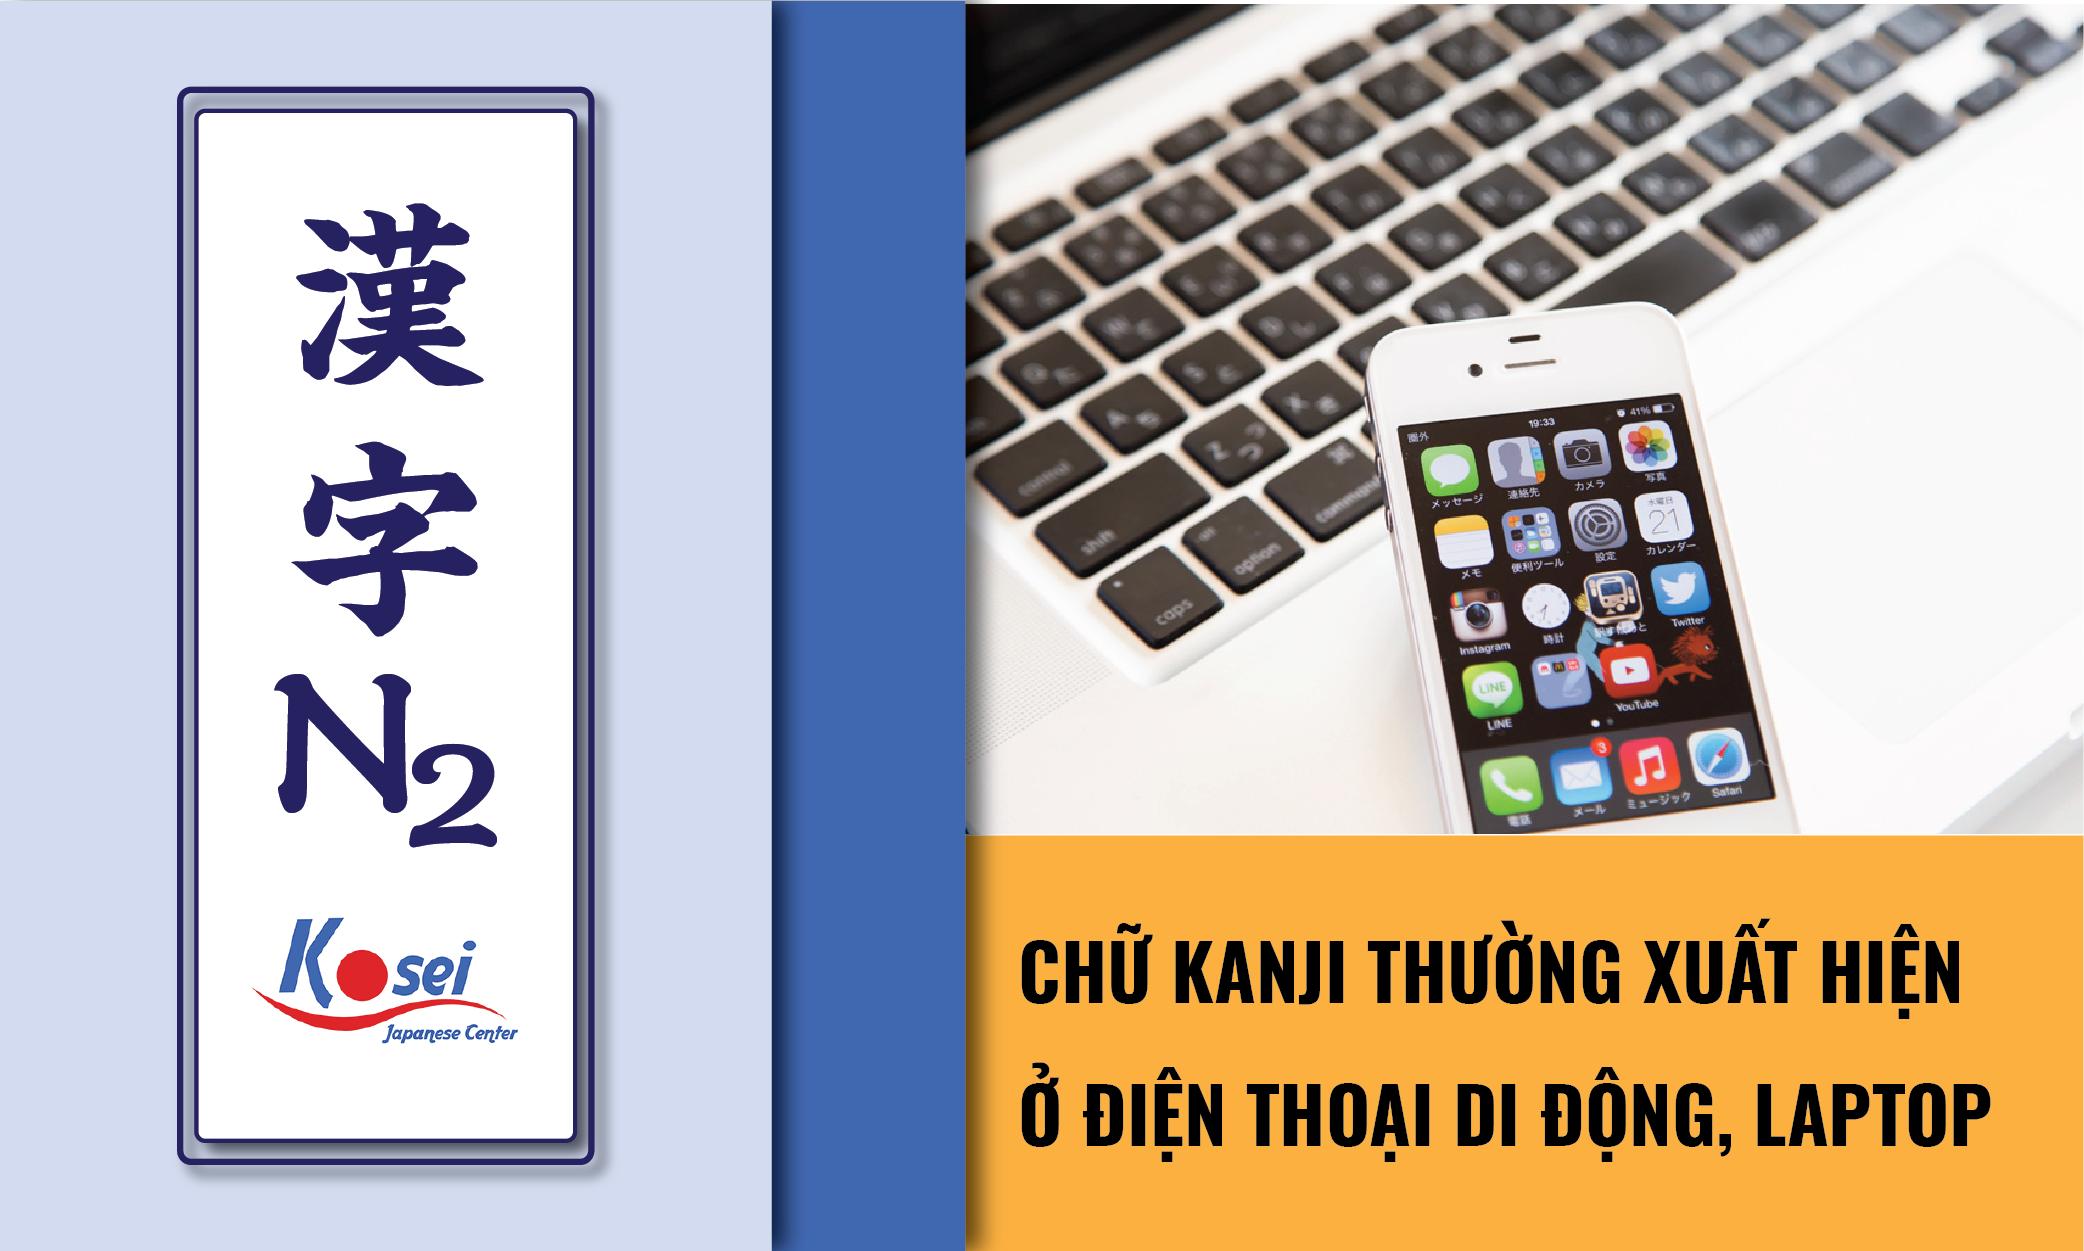 (Tổng hợp) Kanji N2: Các Kanji xuất hiện trên điện thoại di động, laptop